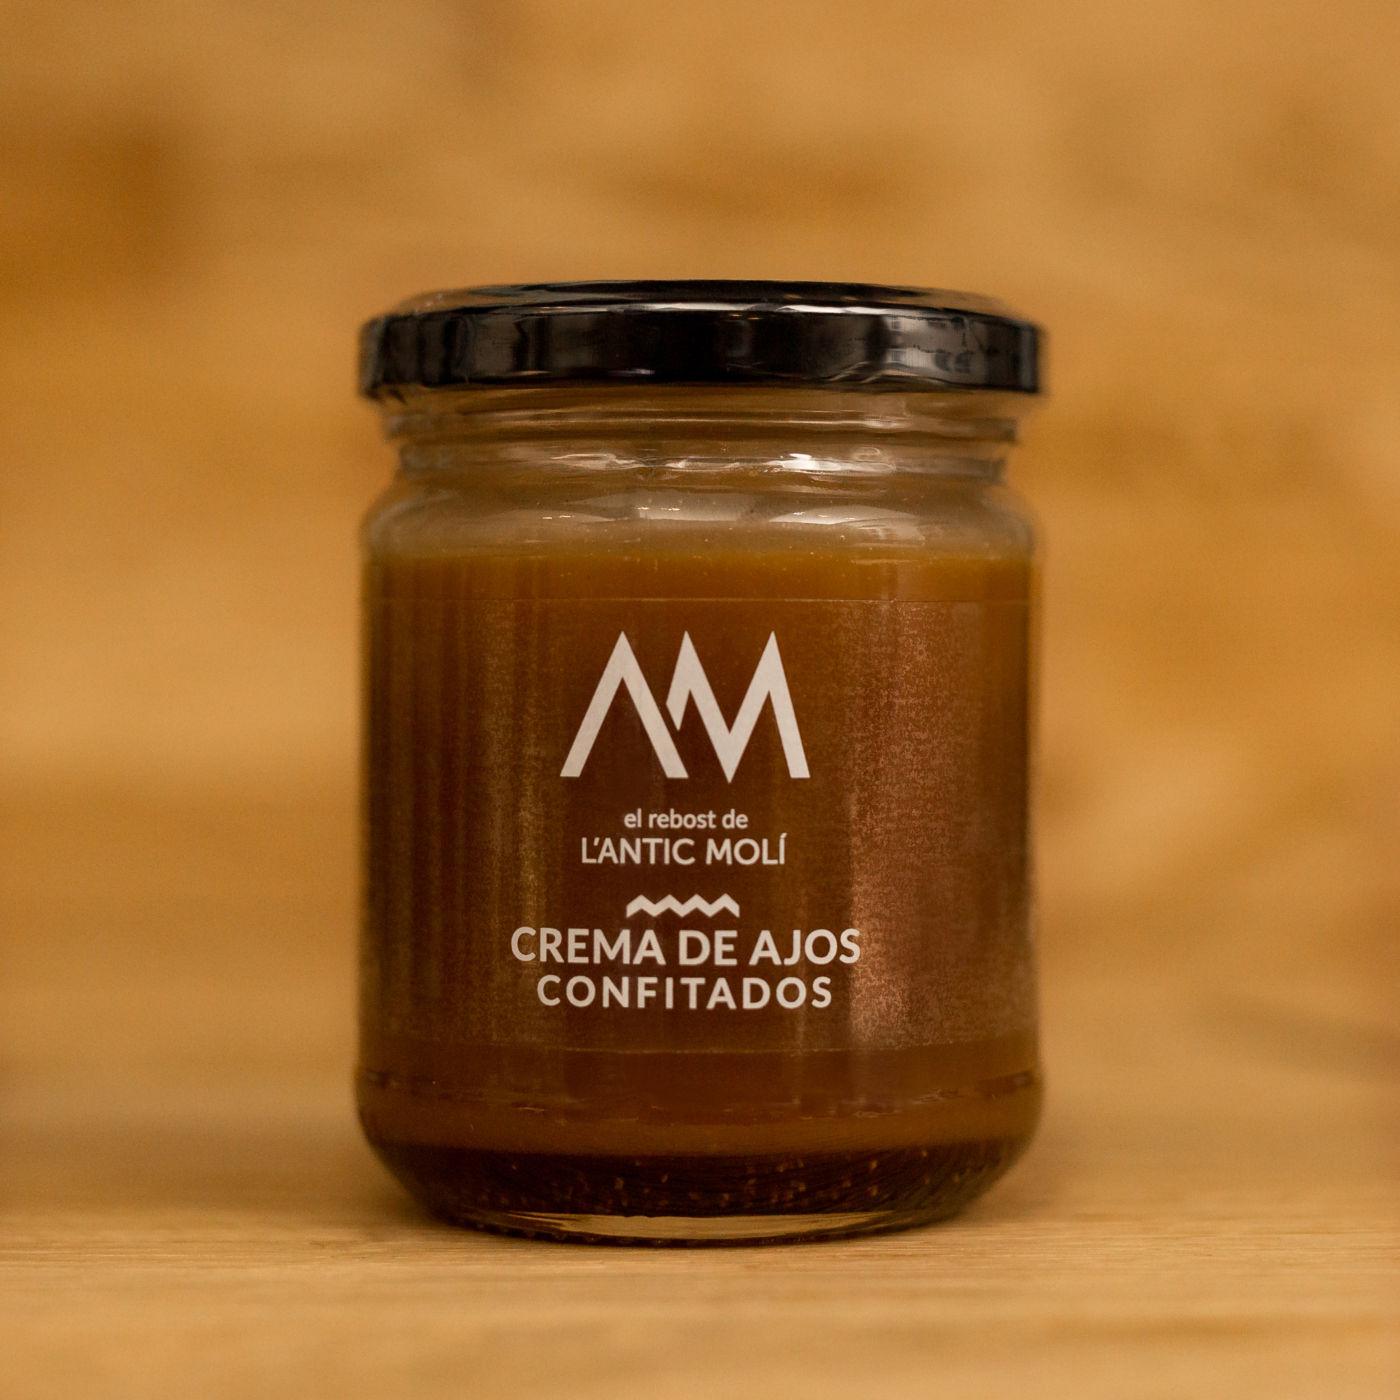 crema de ajos confitados-rebost antic moli